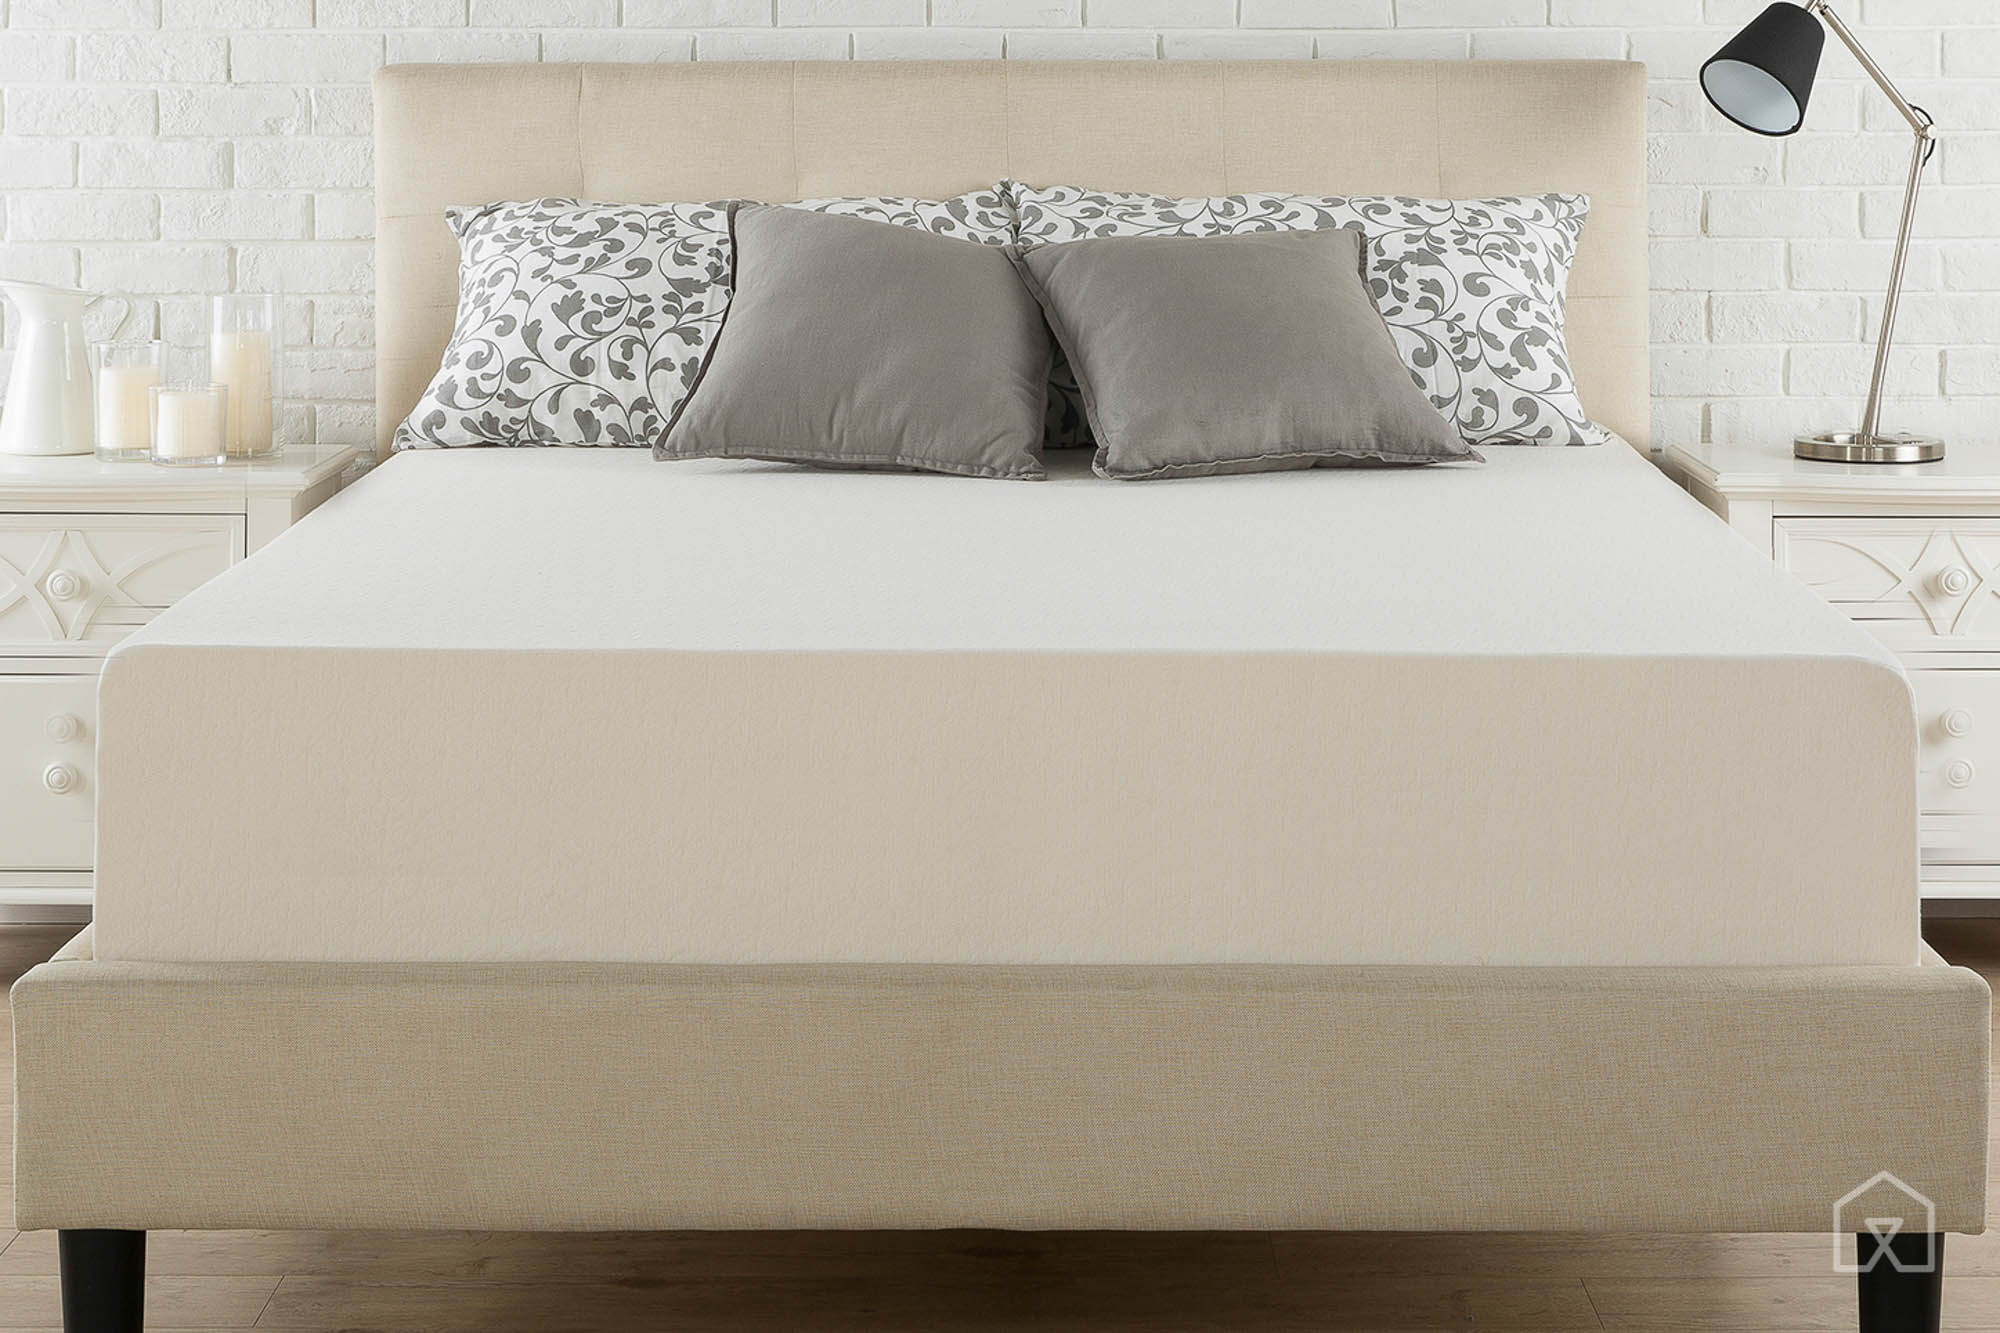 online mattress shop